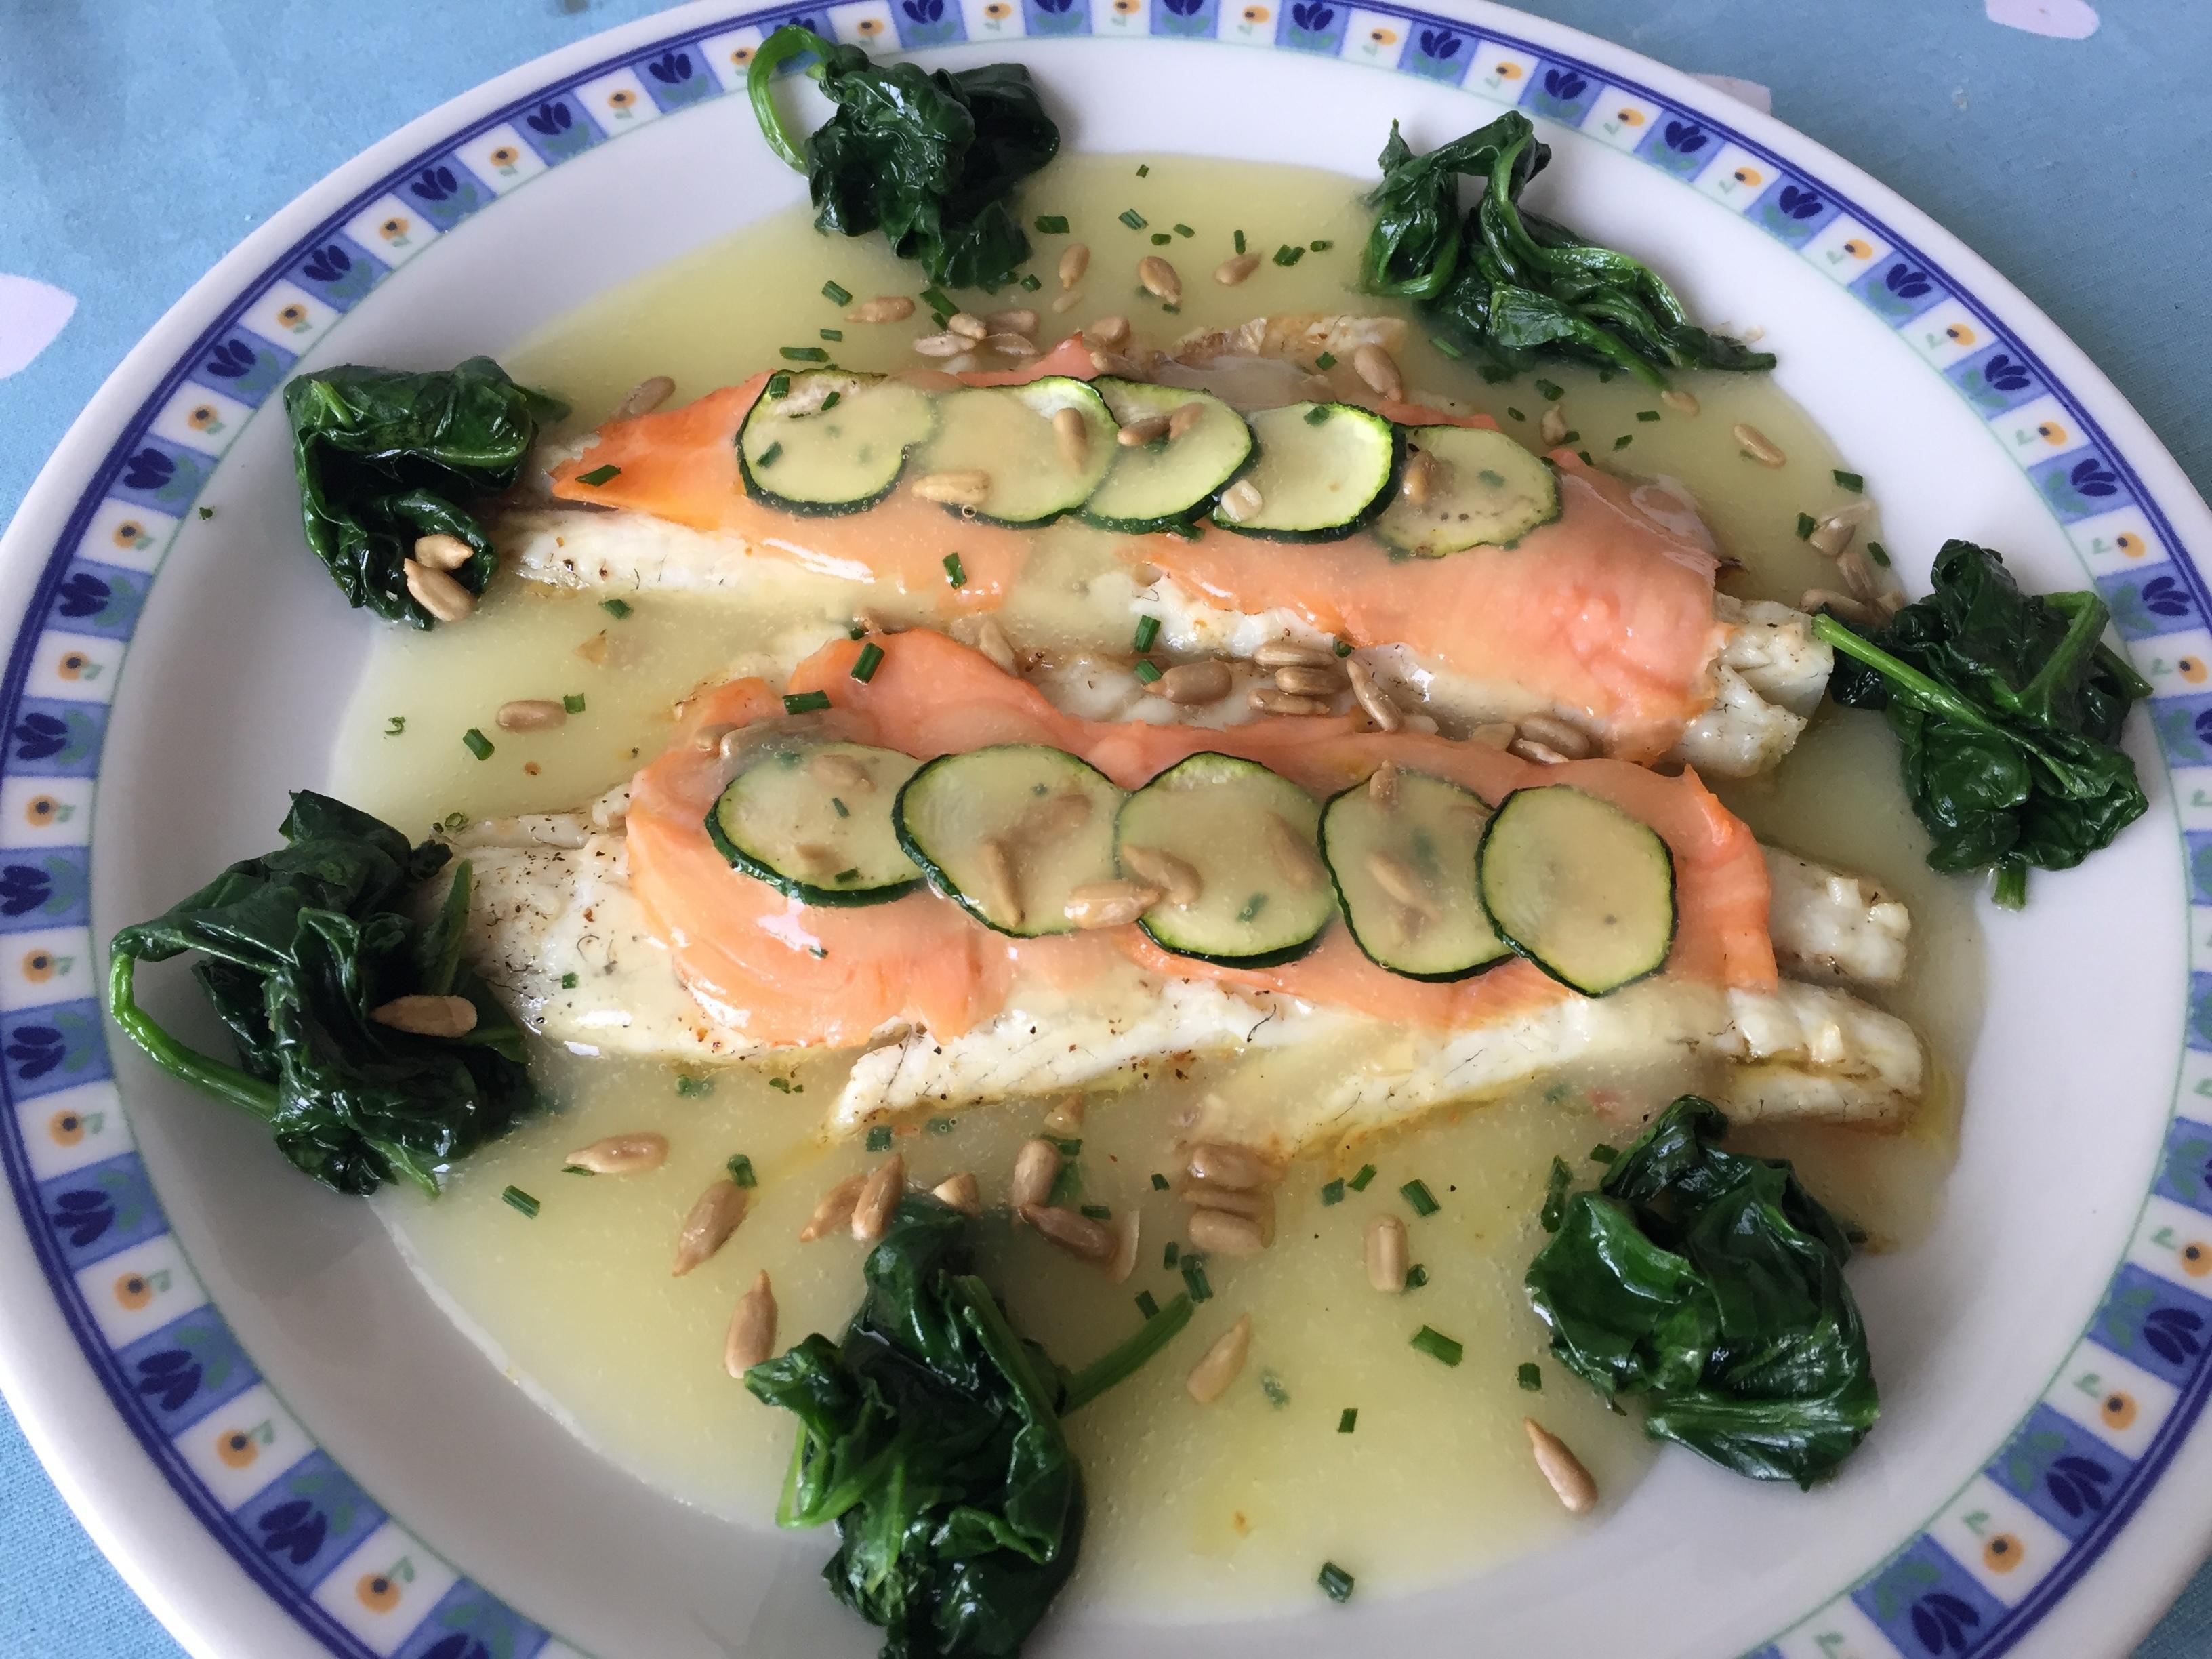 Filetto di branzino al forno con salmone affumicato e creme Parmentier